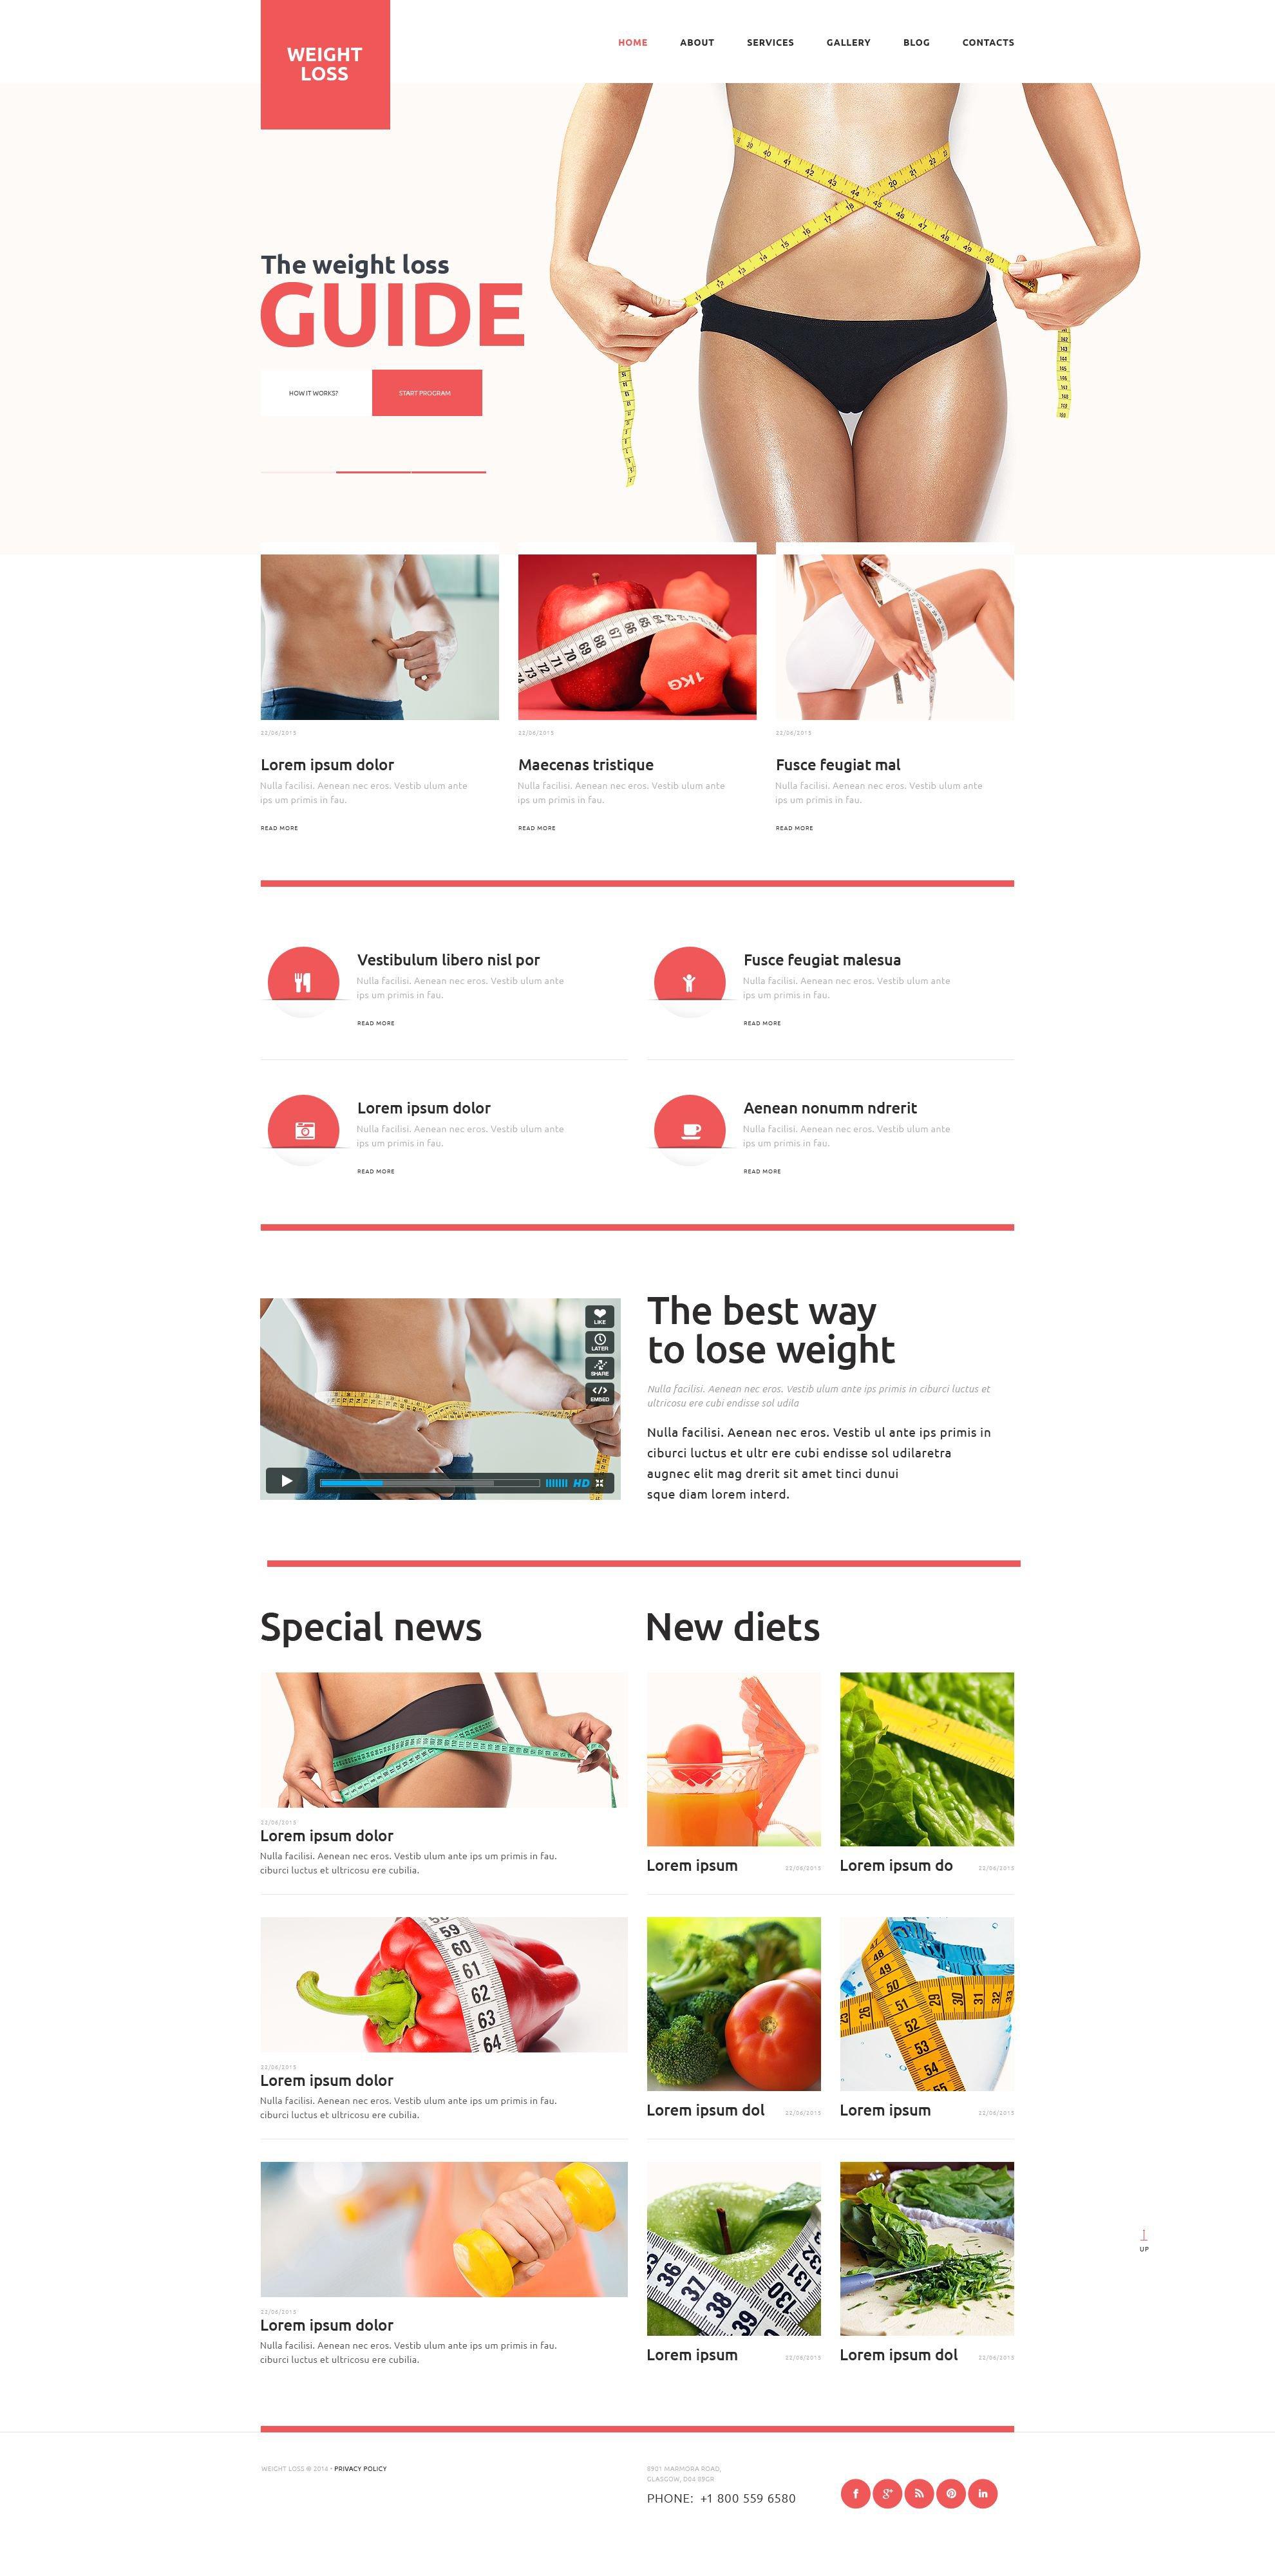 Сайта Для Похудения. 10 лучших сайтов с отзывами о похудении